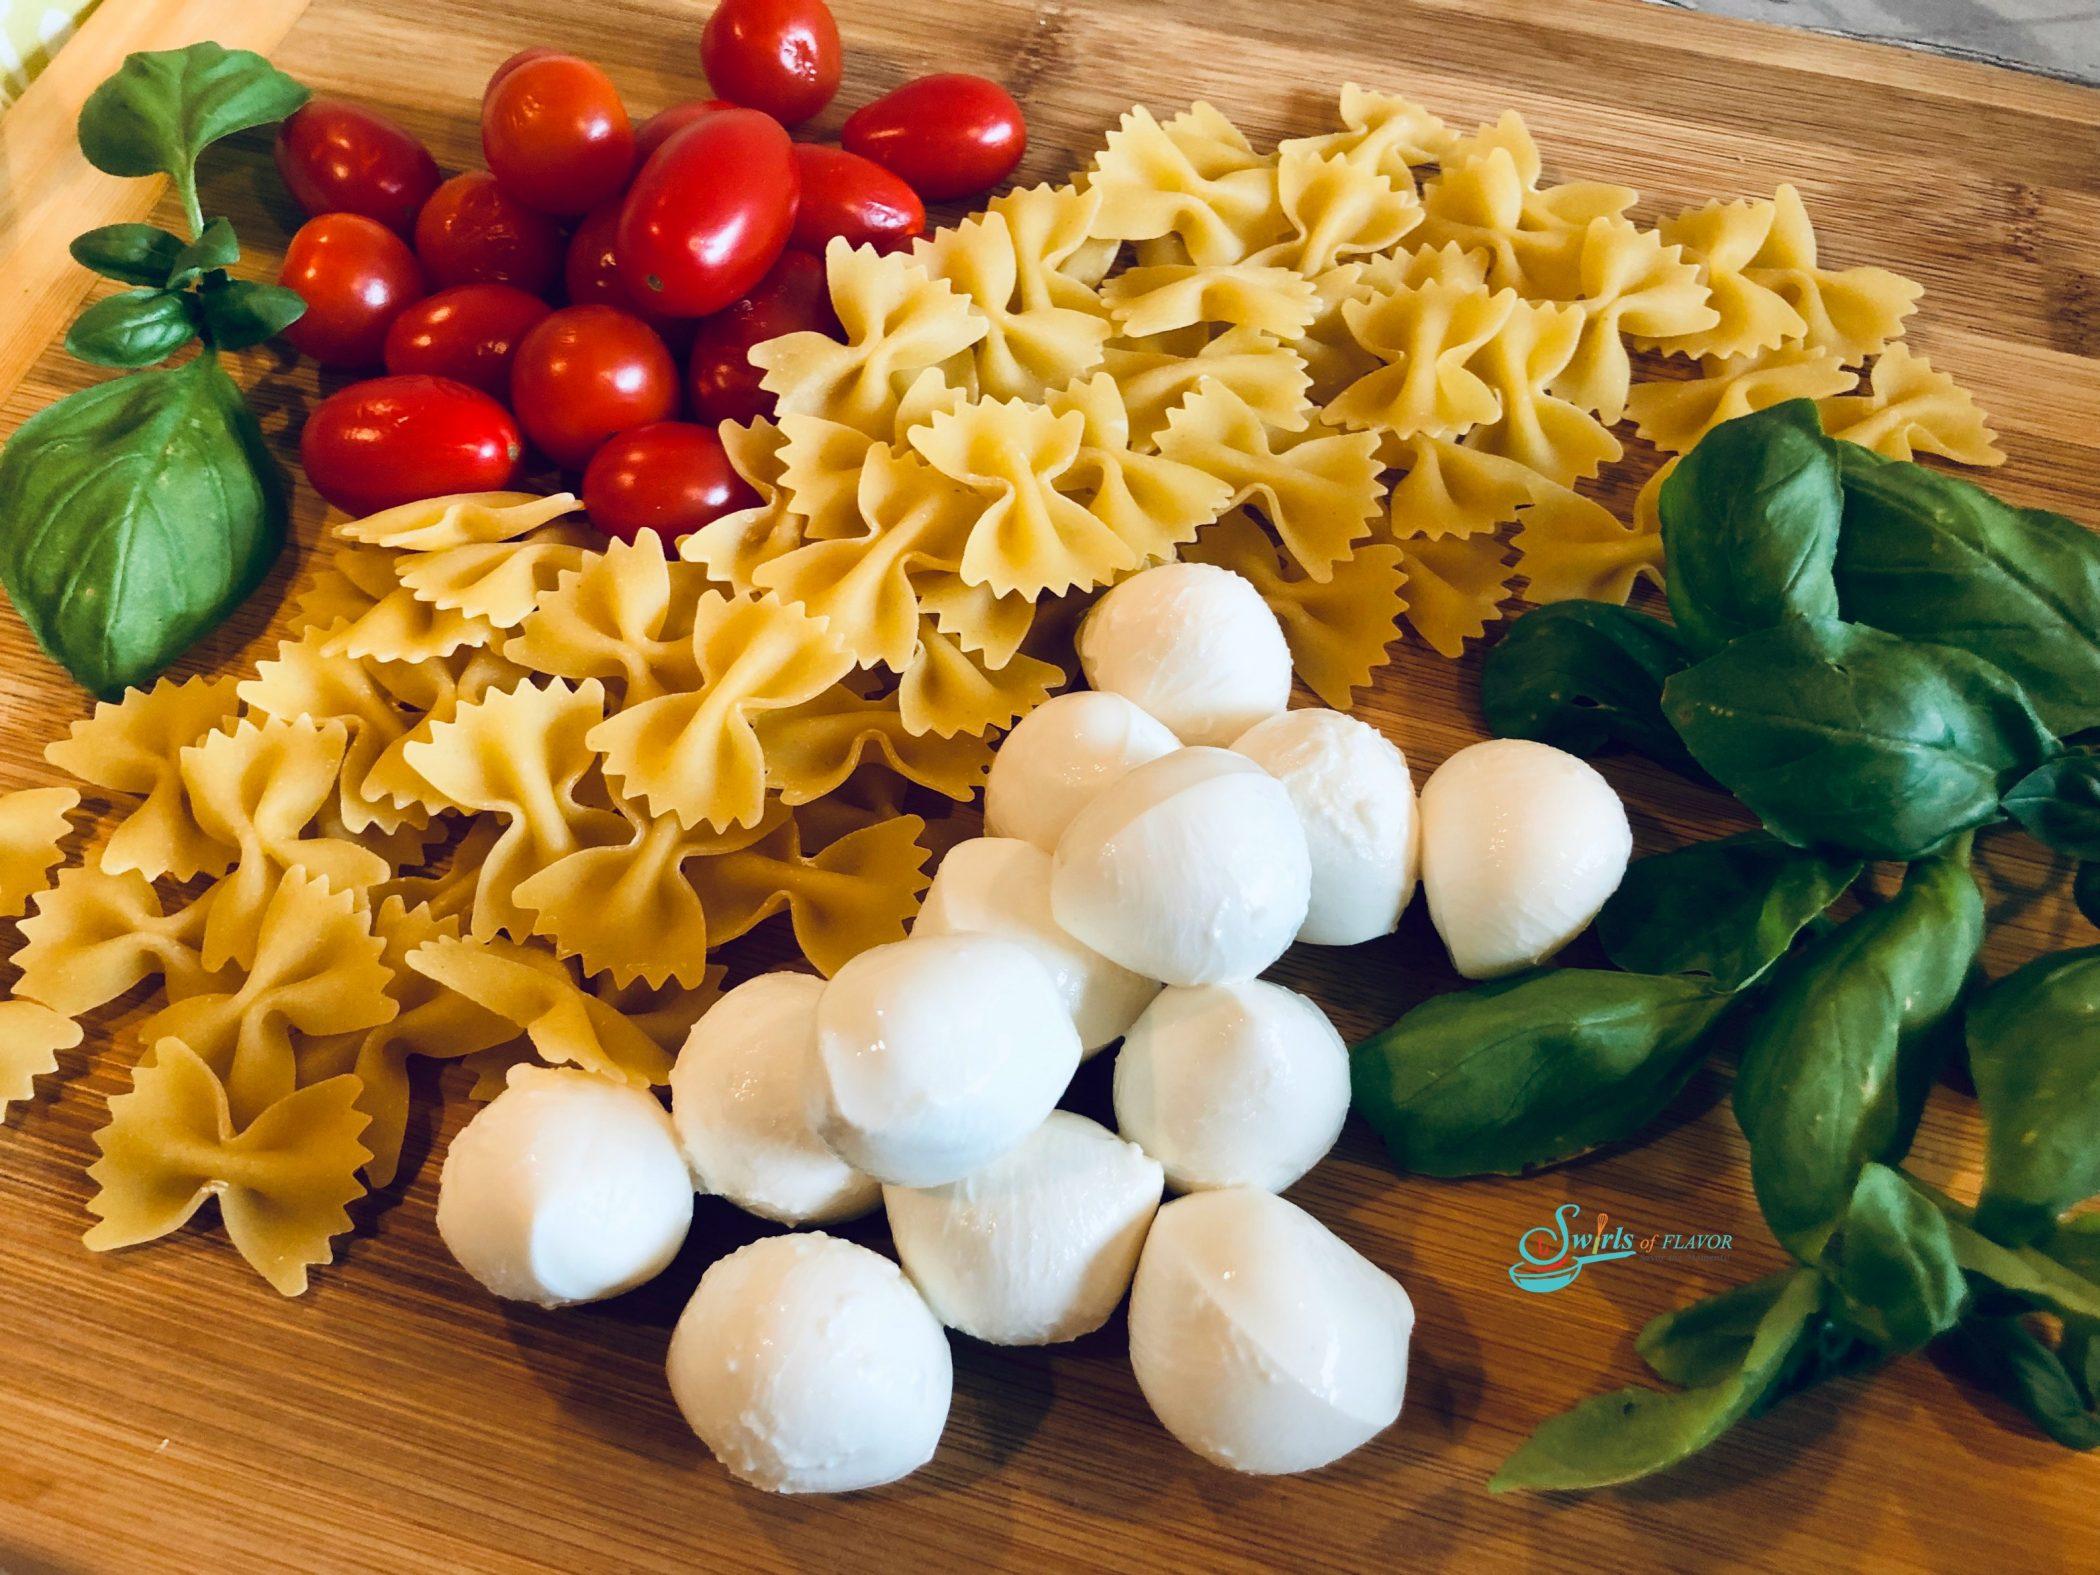 Ingredients for Caprese Pasta Salad recipe